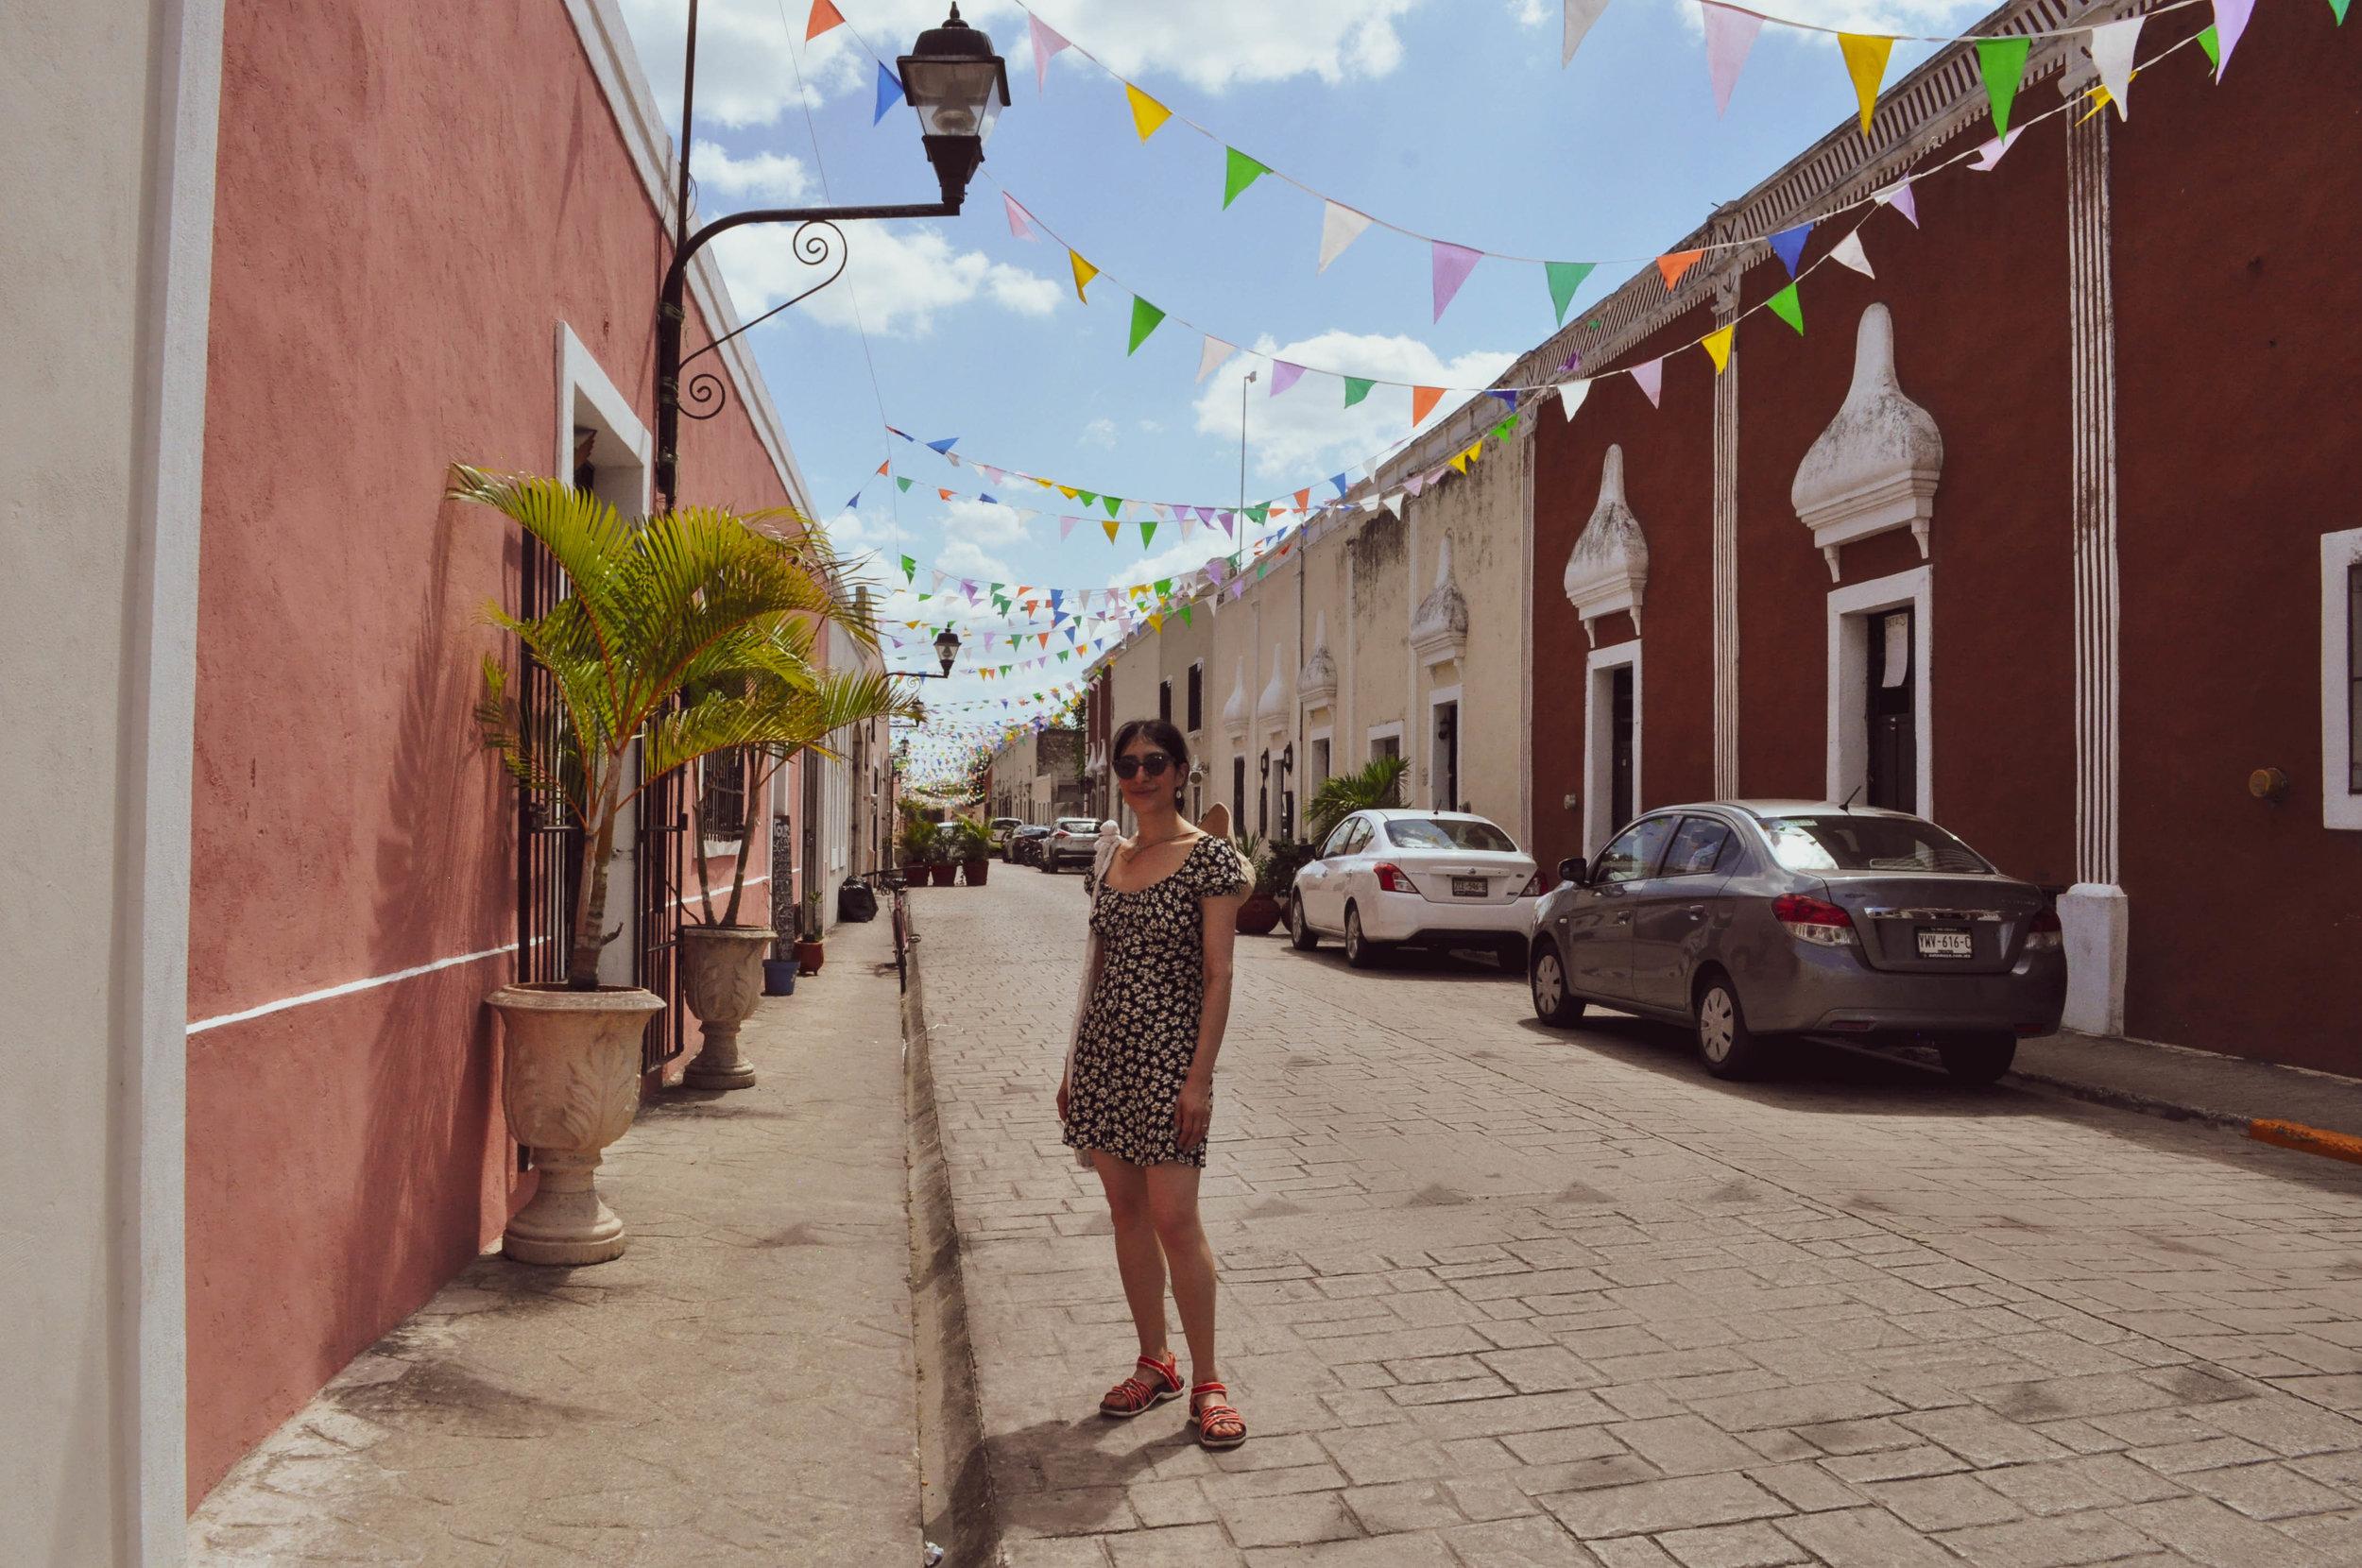 Calle de Los Frailes, Valladolid